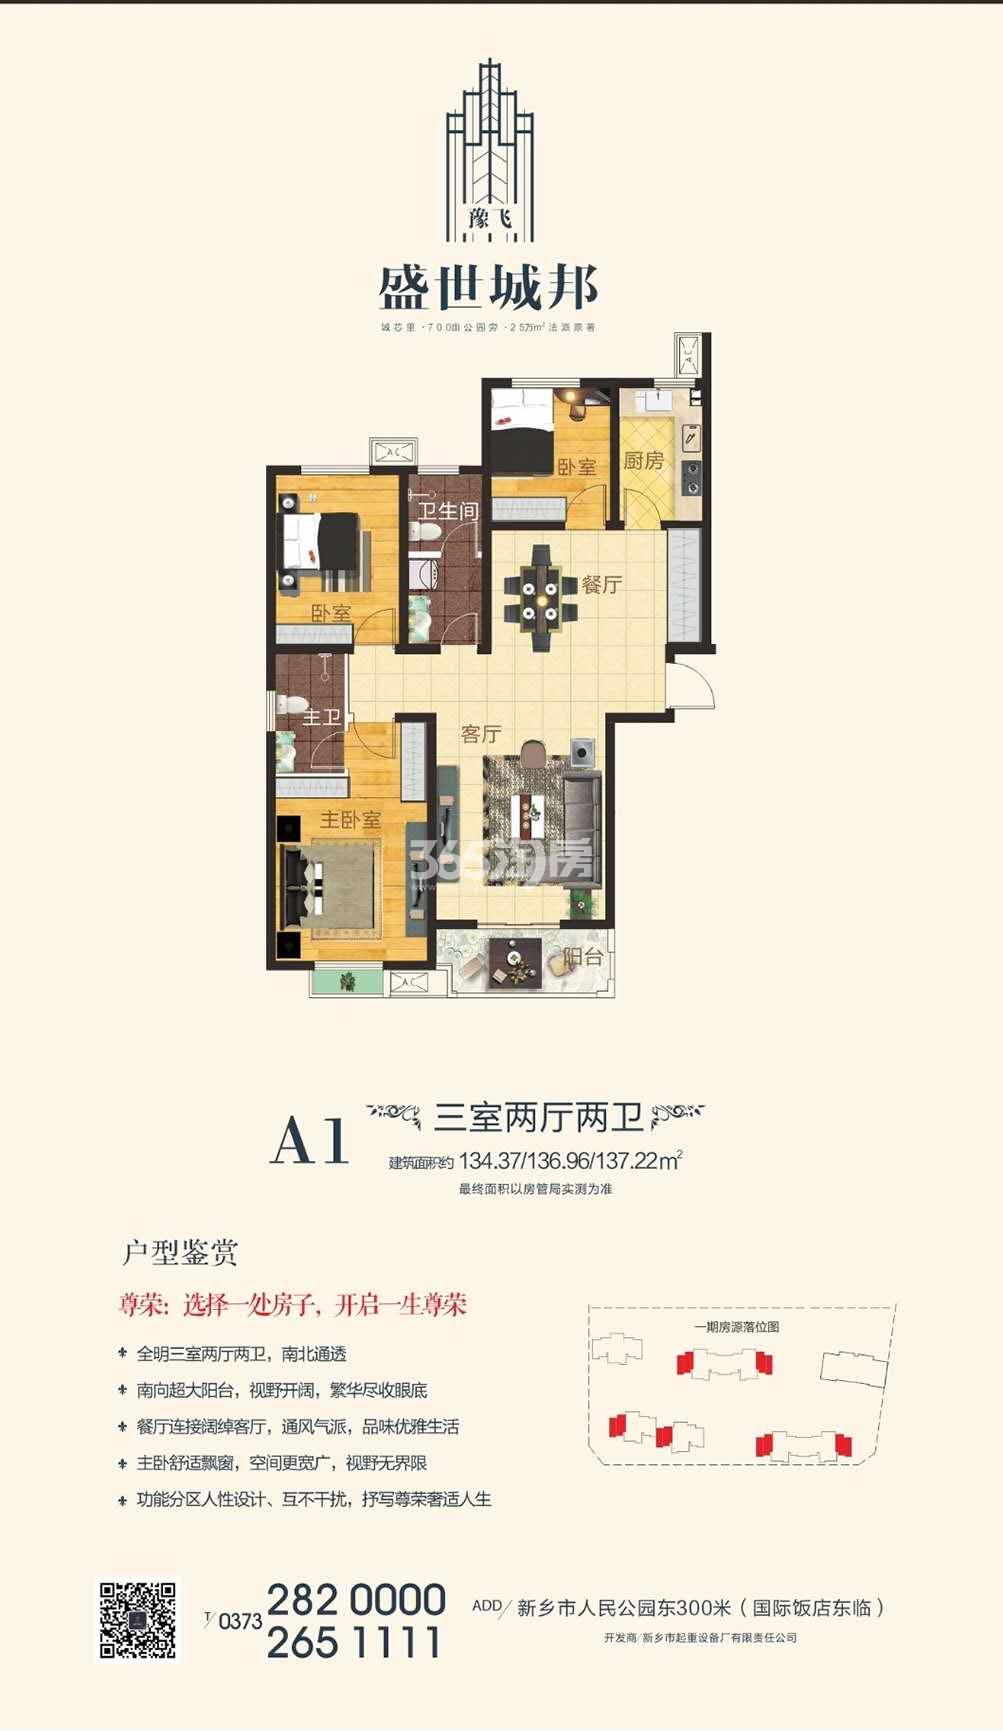 A1三室两厅两卫